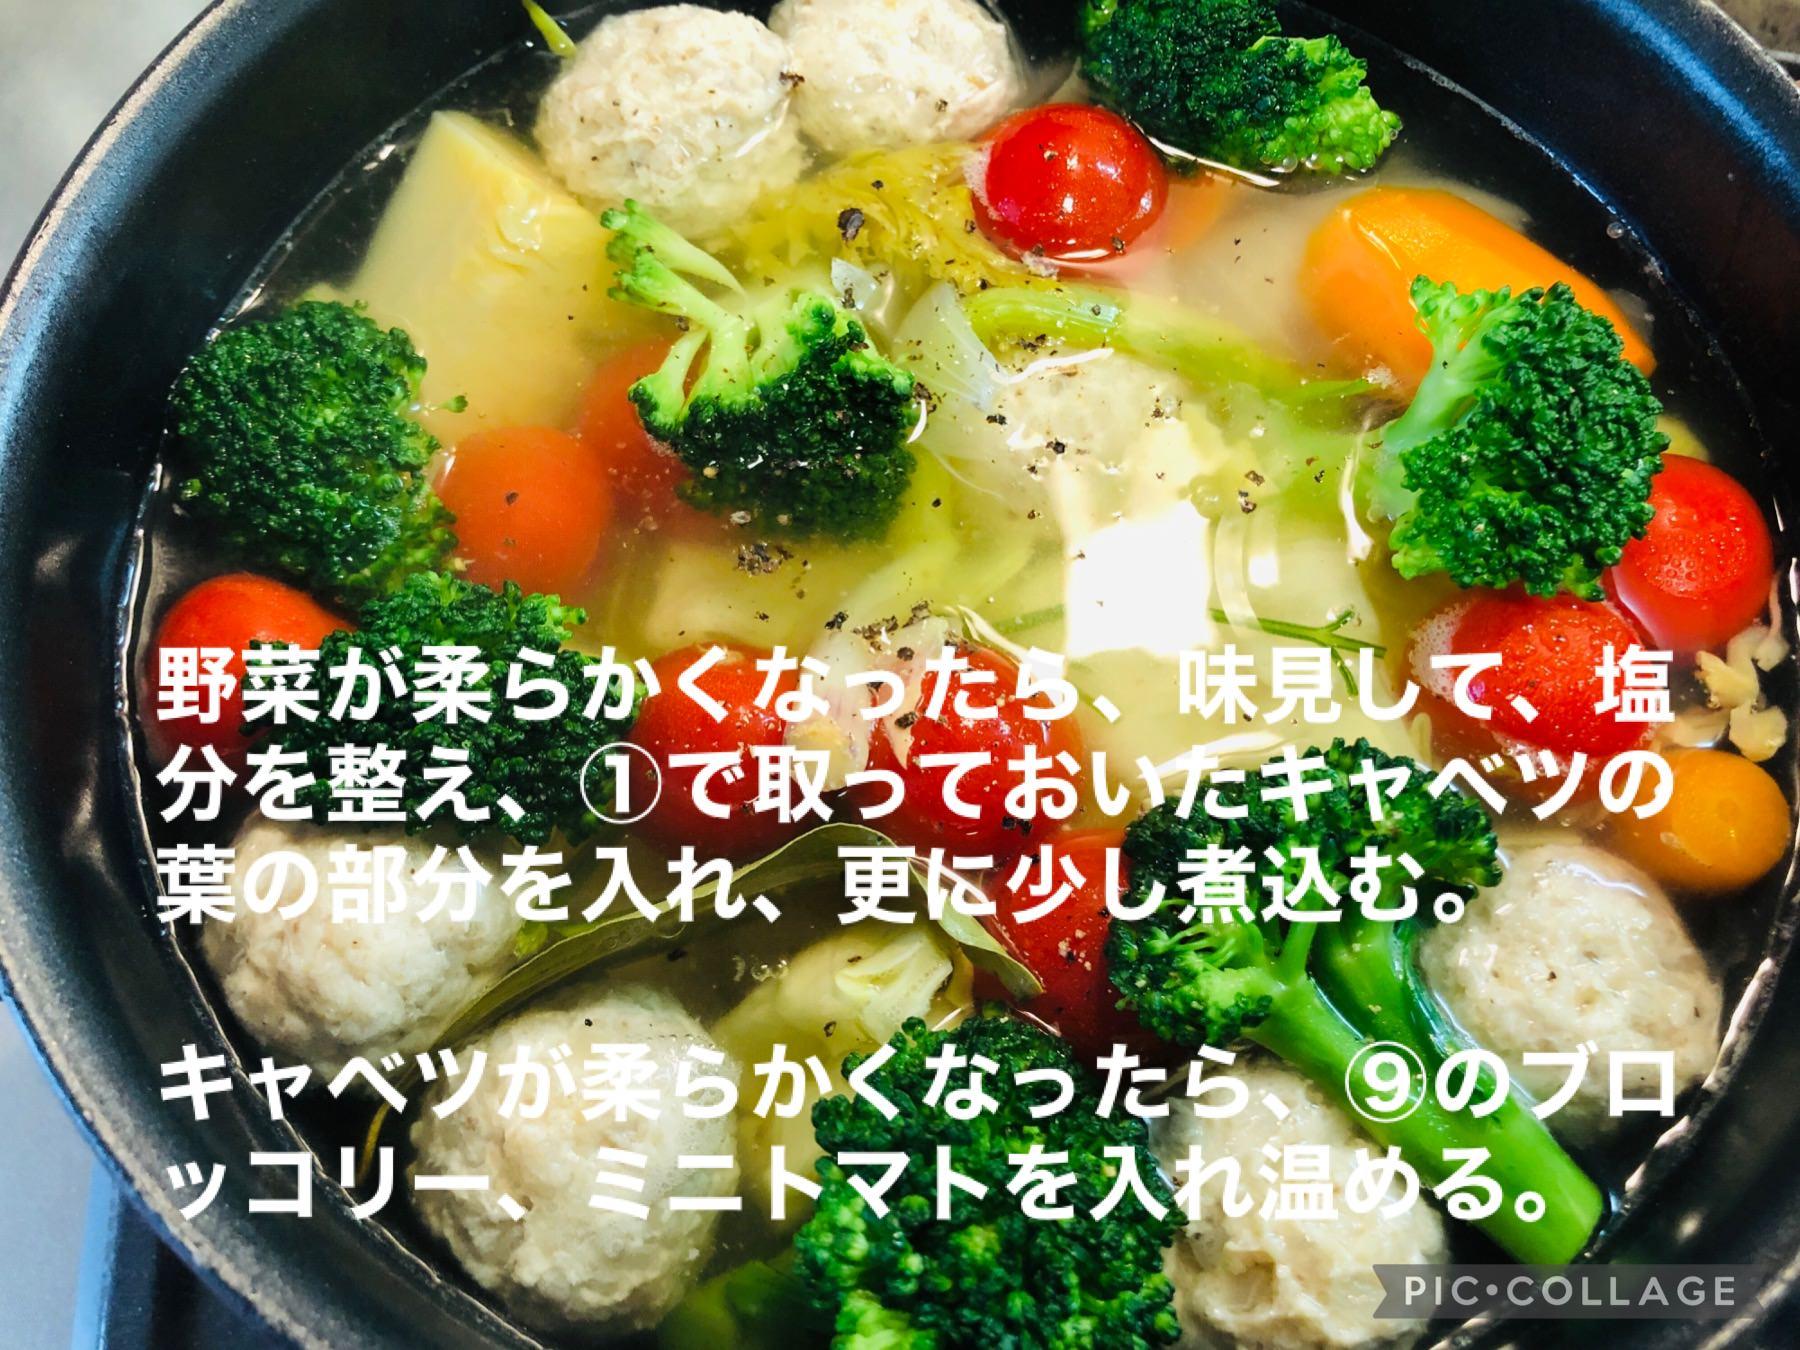 野菜が柔らかくなったので、キャベツの葉を入れ更に煮込み、塩ゆでしたブロッコリー、ミニトマトを入れた画像です